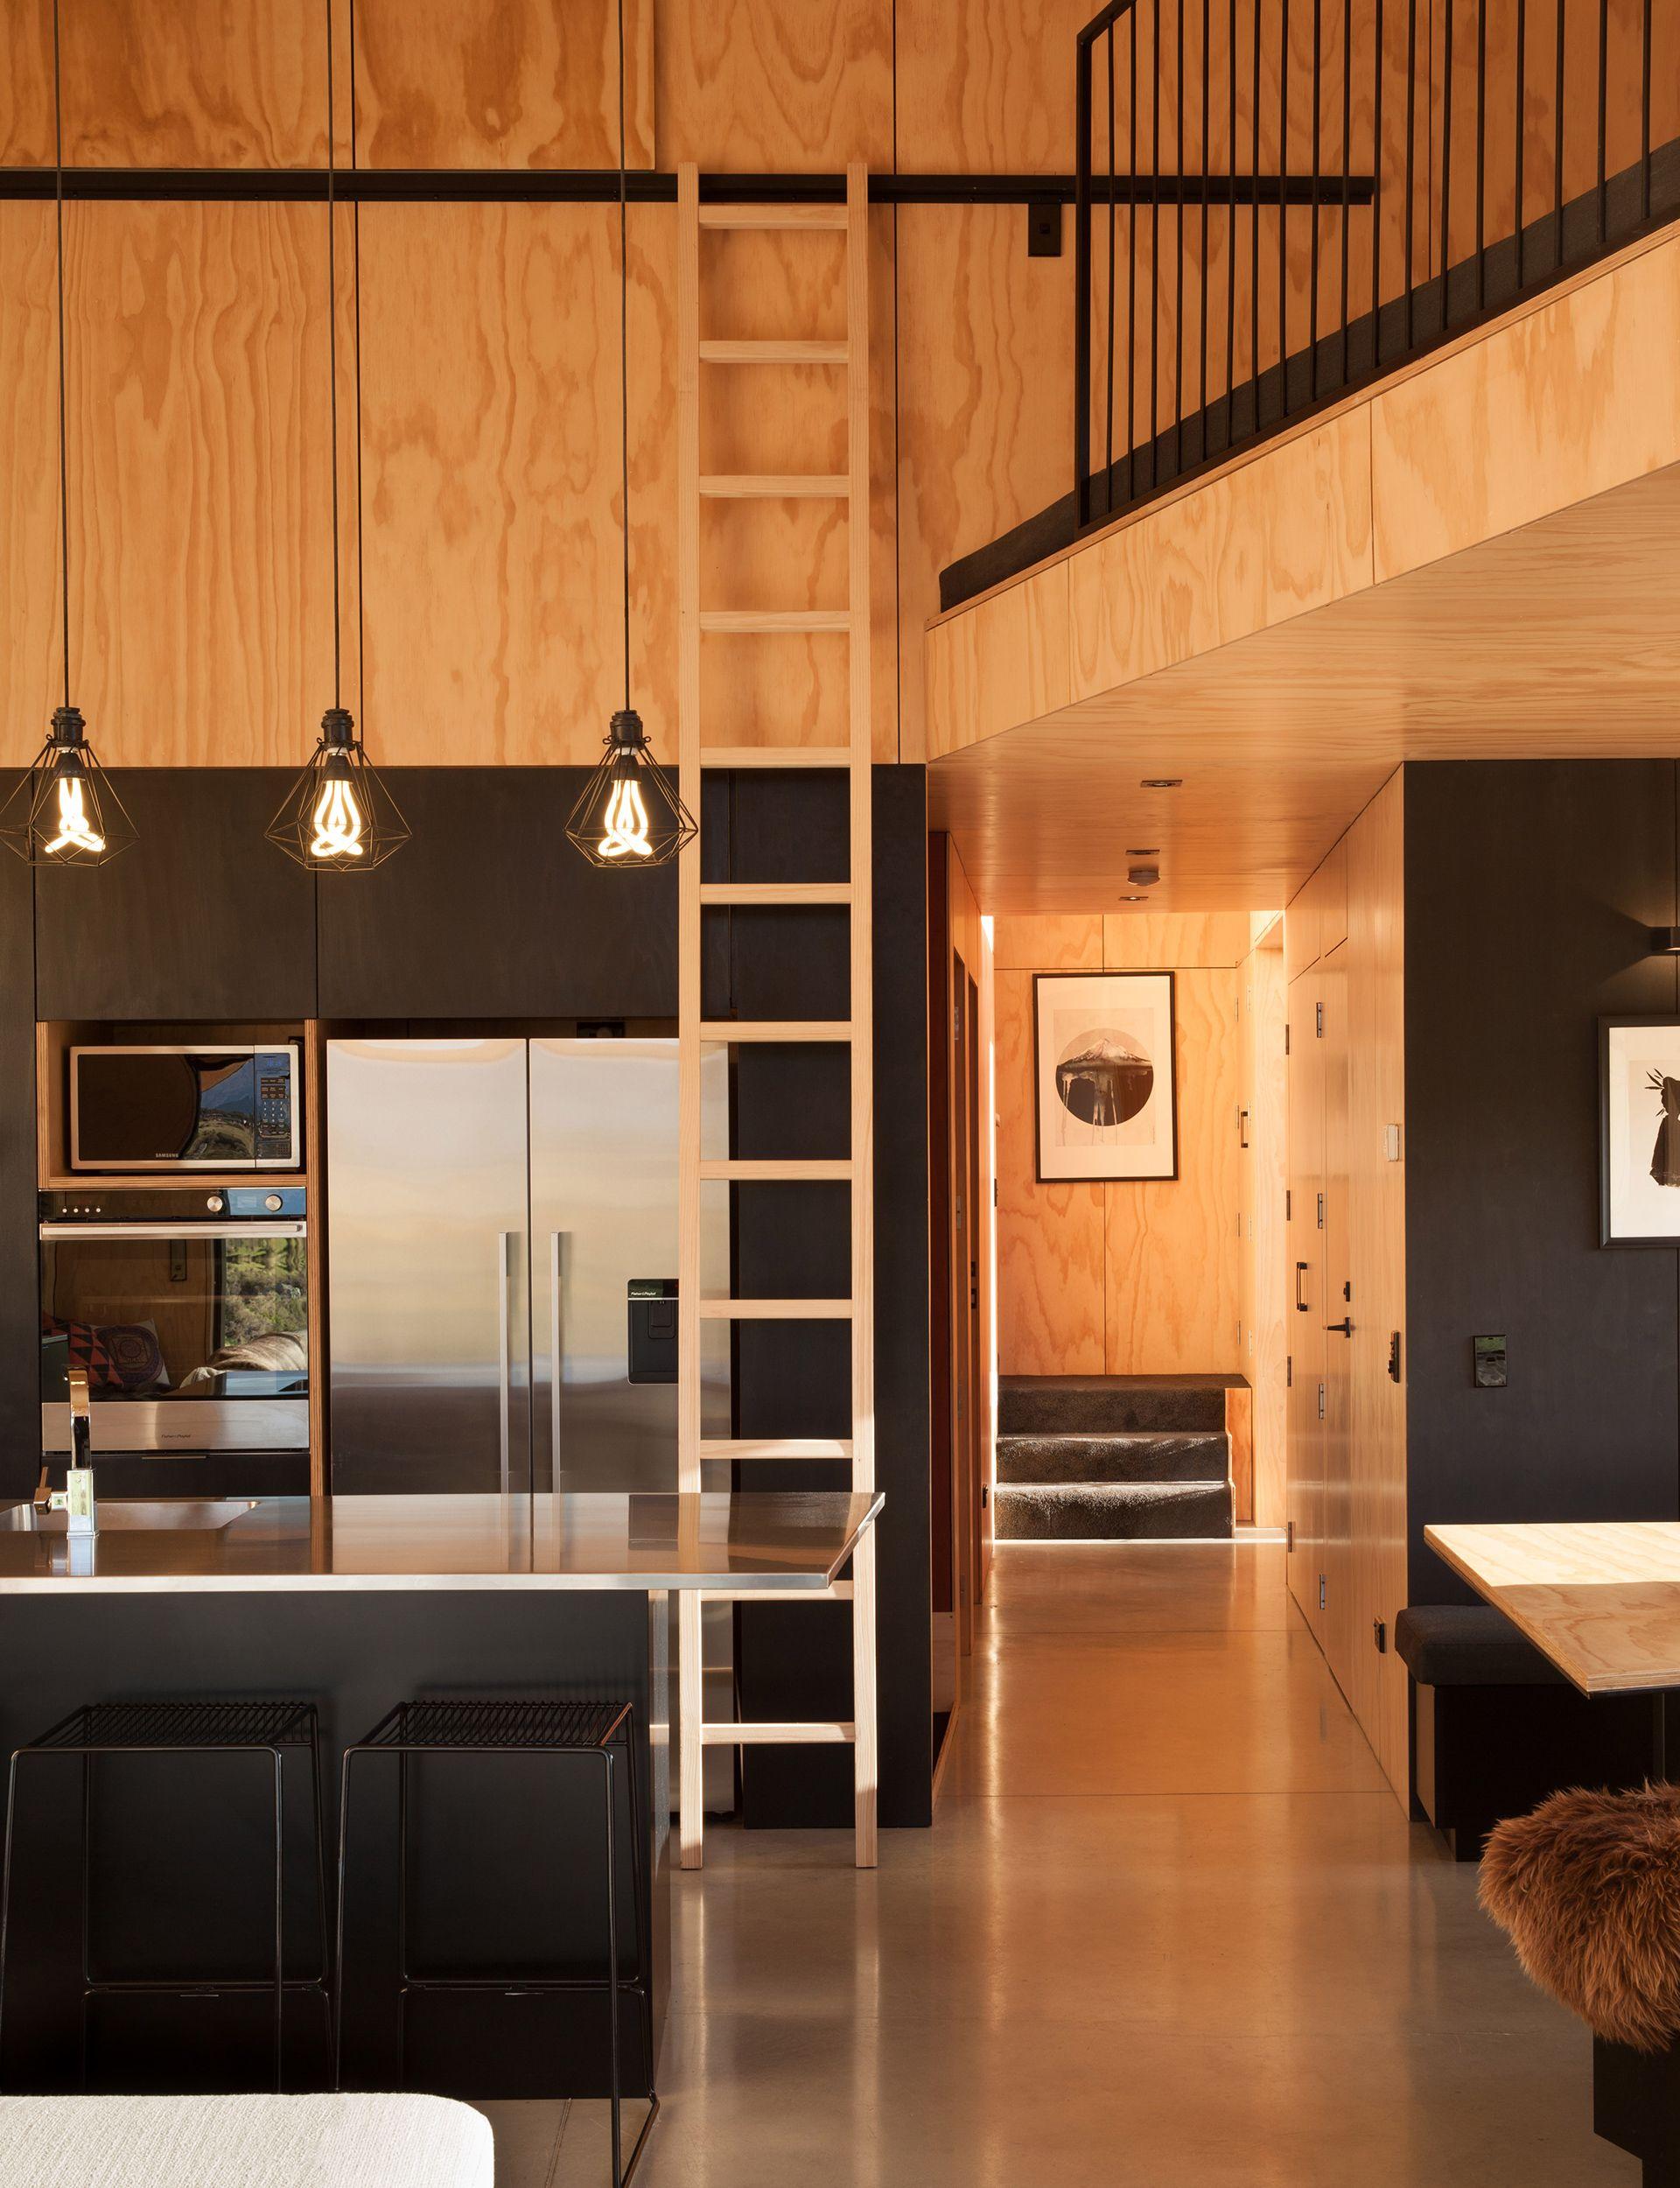 Kitchen Design Ideas New Zealand nz's best small home 2016 http://www.homestolove.co.nz/inside